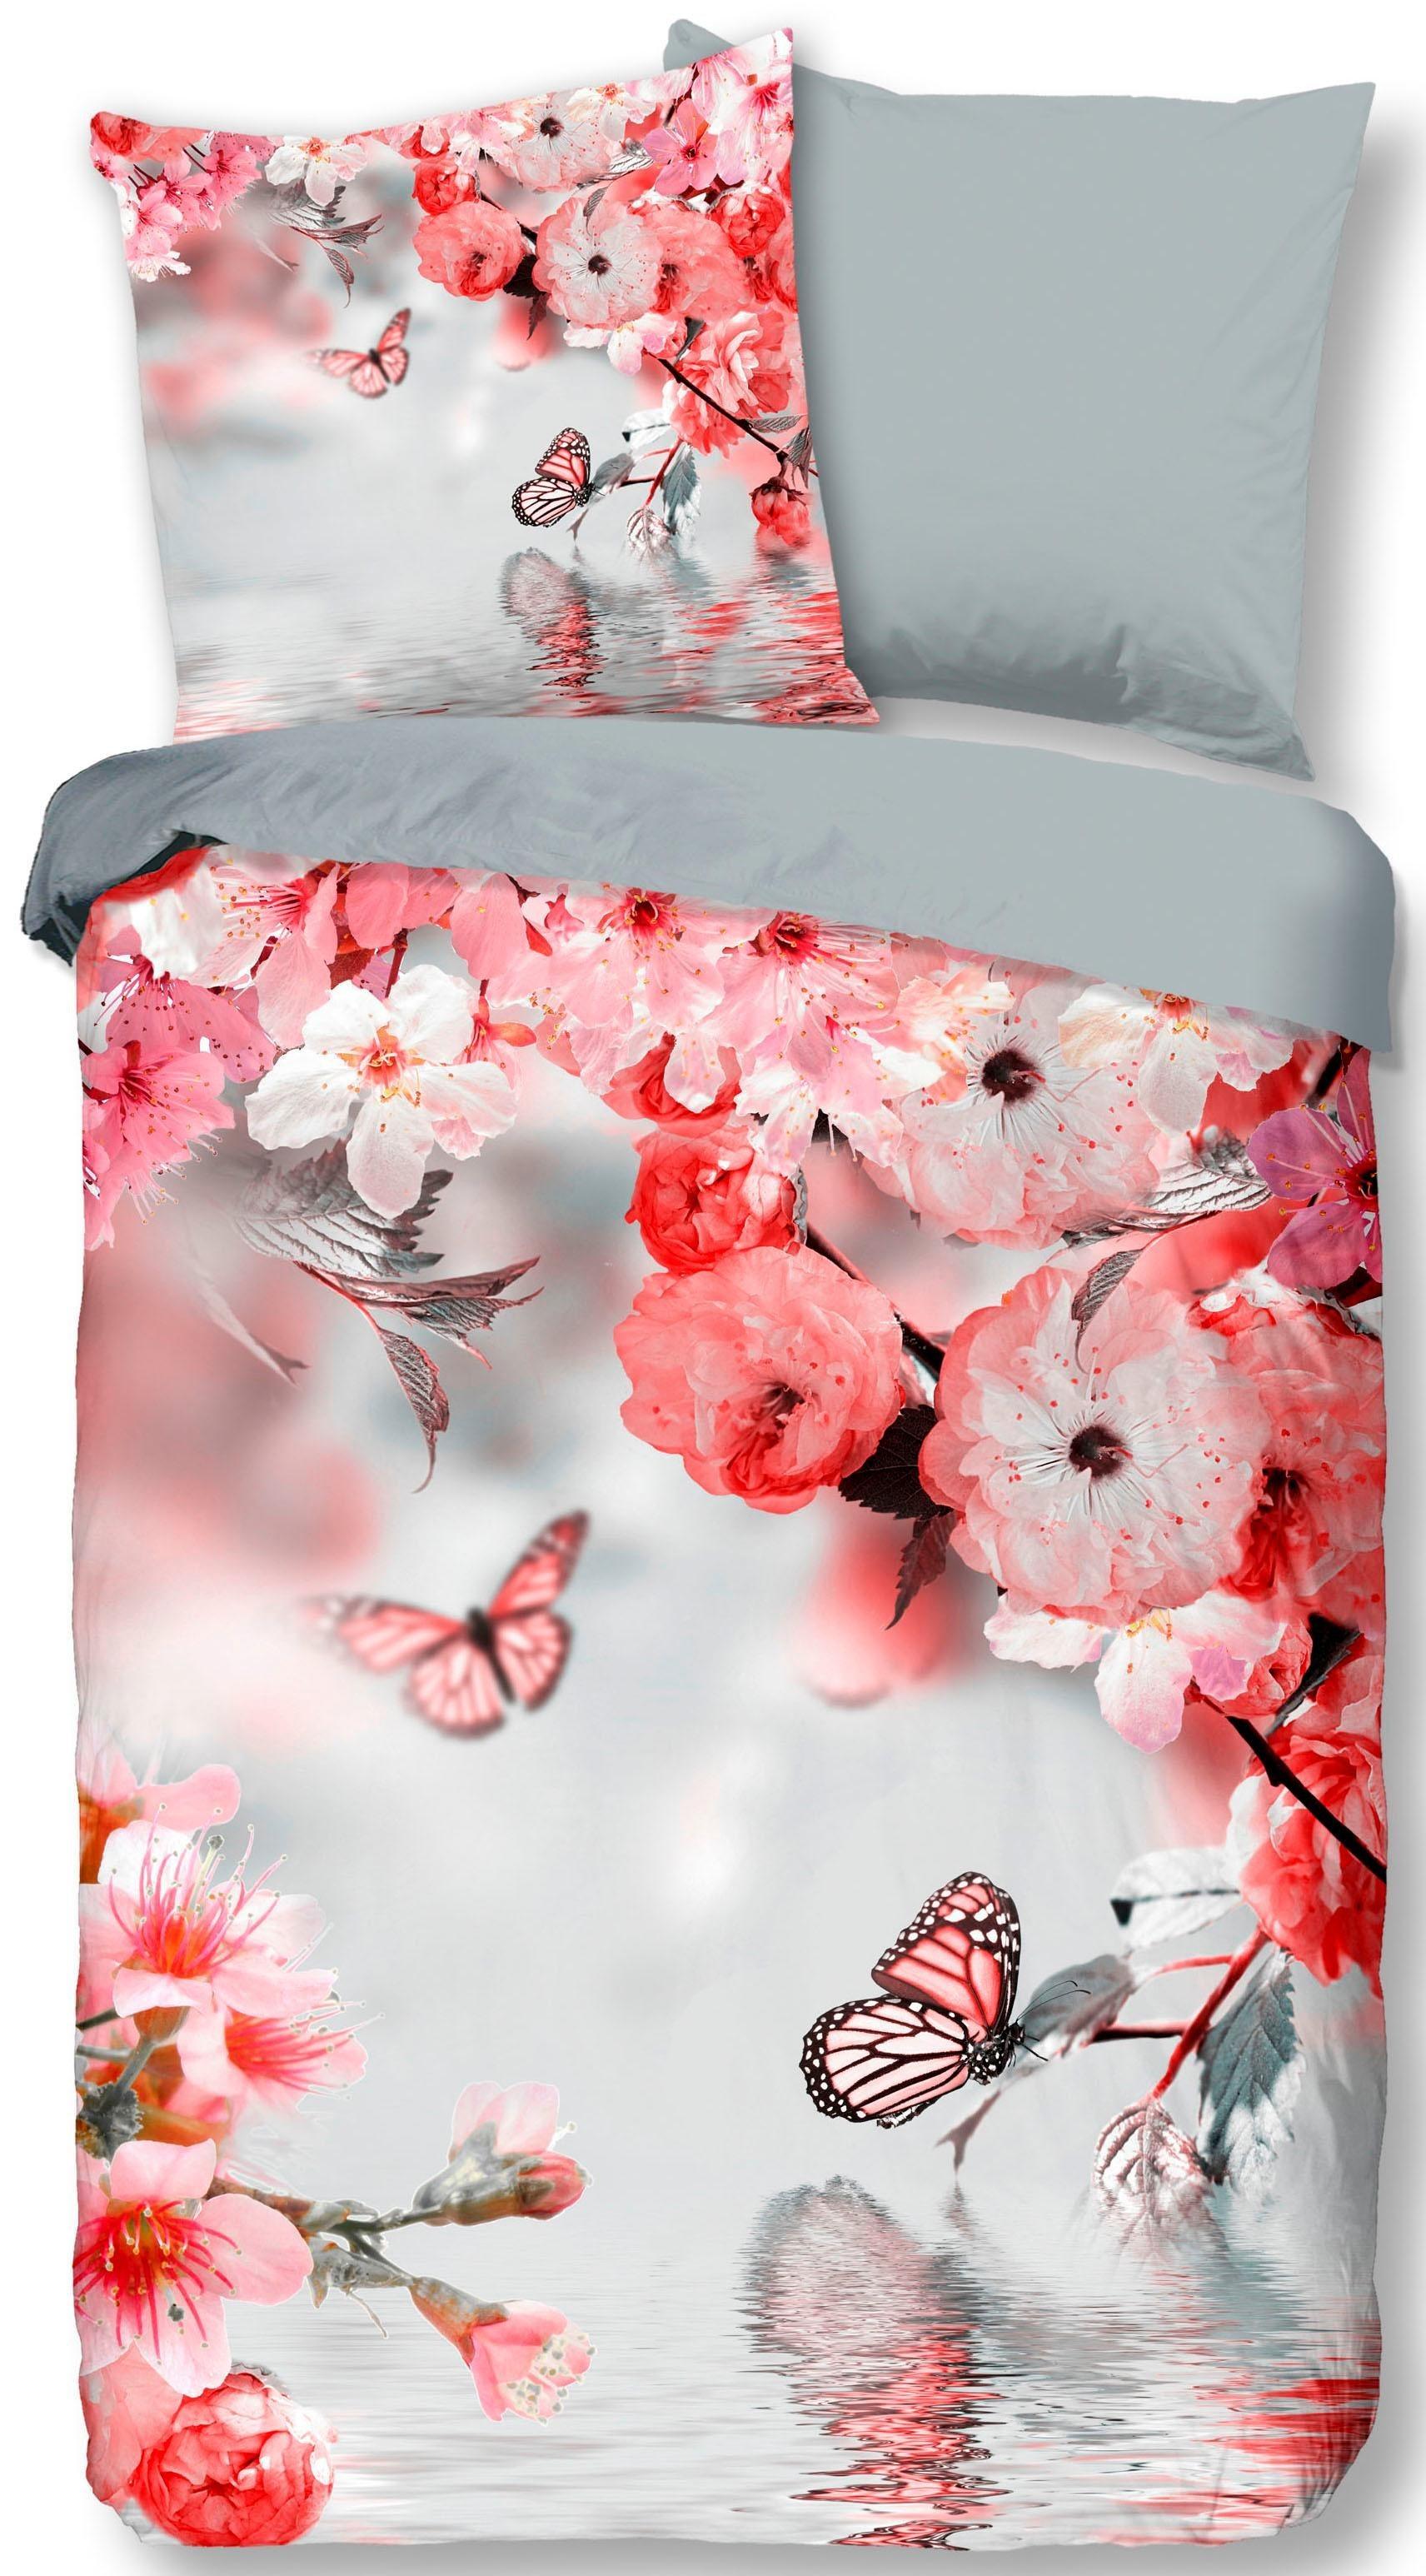 streuteile schmetterling preisvergleich die besten angebote online kaufen. Black Bedroom Furniture Sets. Home Design Ideas